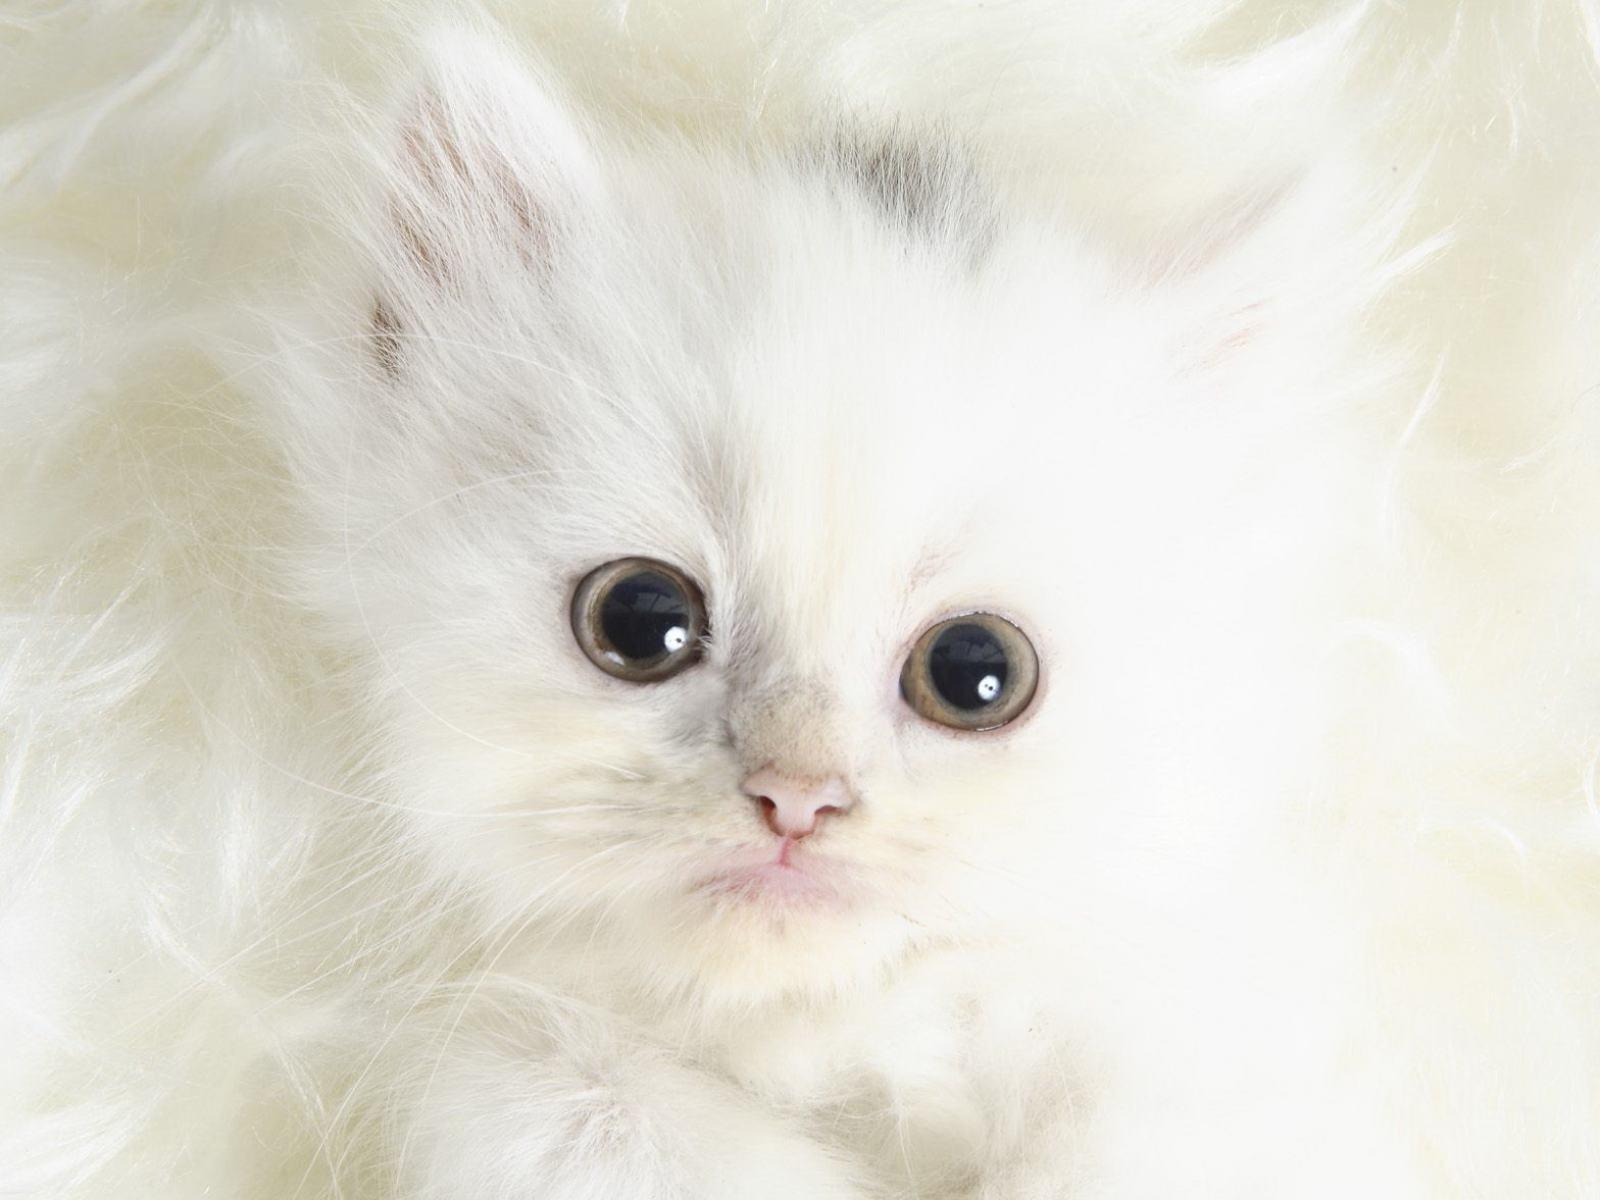 скачать картинку котёнка